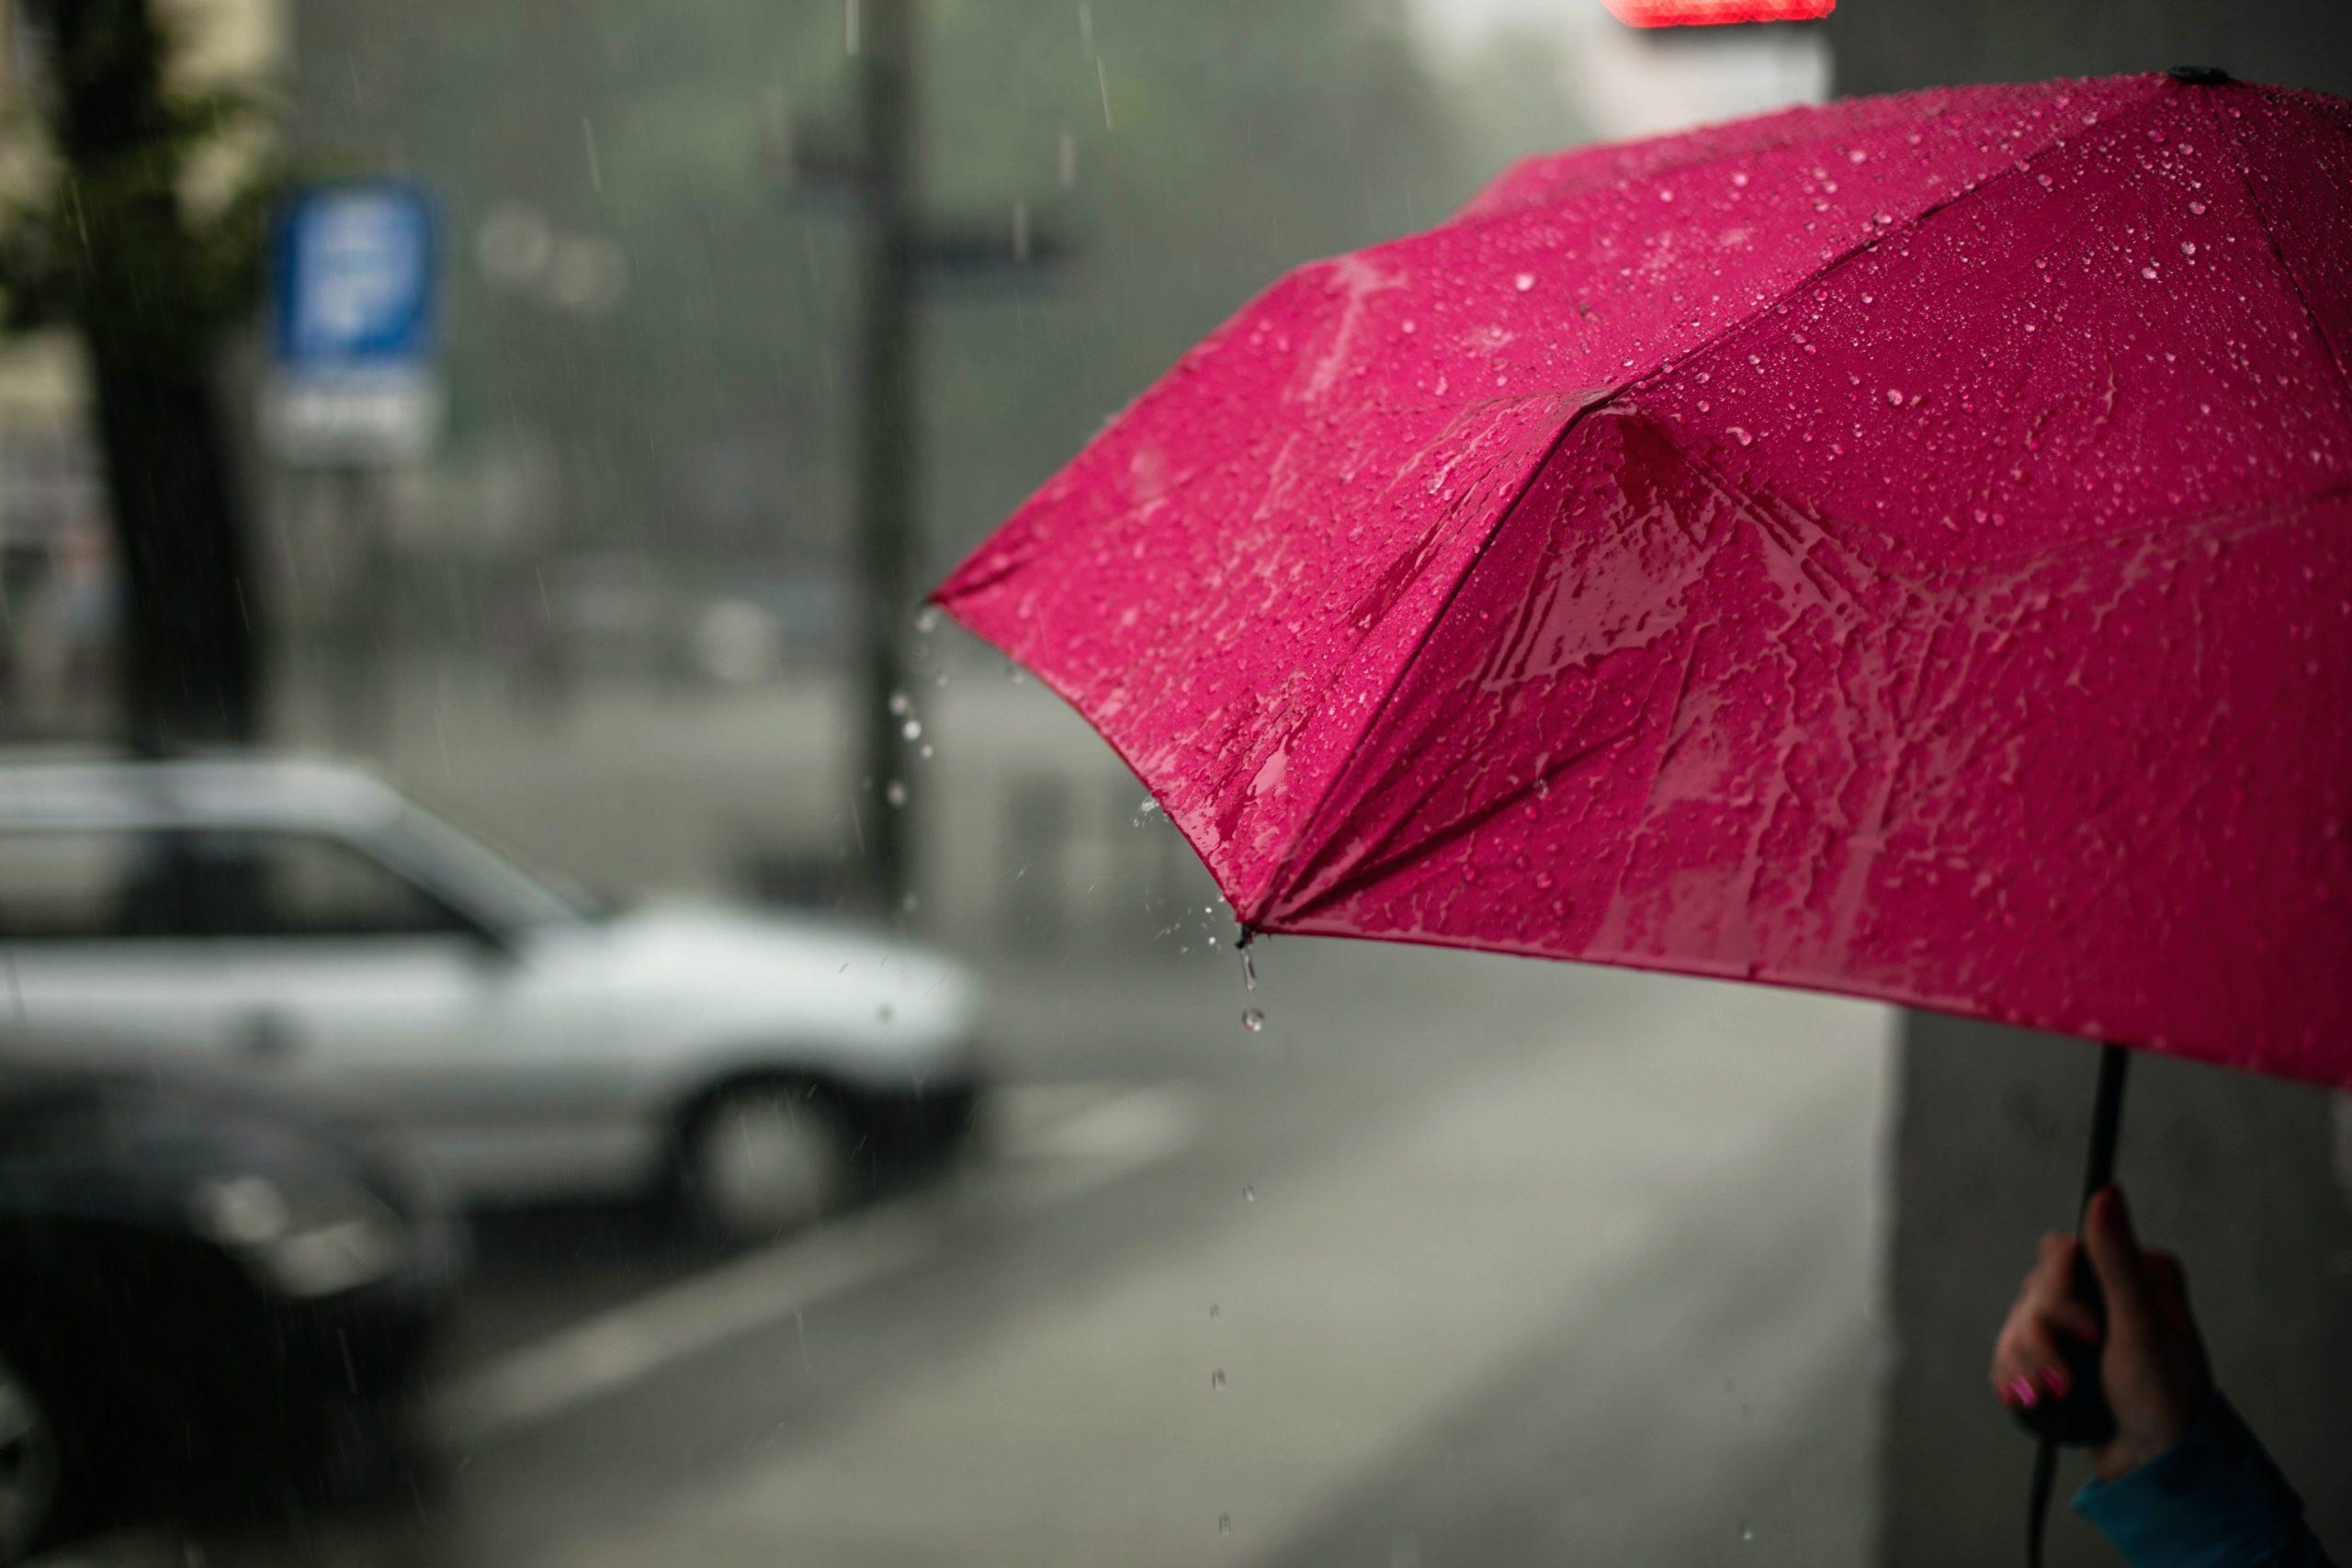 ジブリパーク雨が降っても楽しめる方法!服装と雨具、持ち物はこれ!